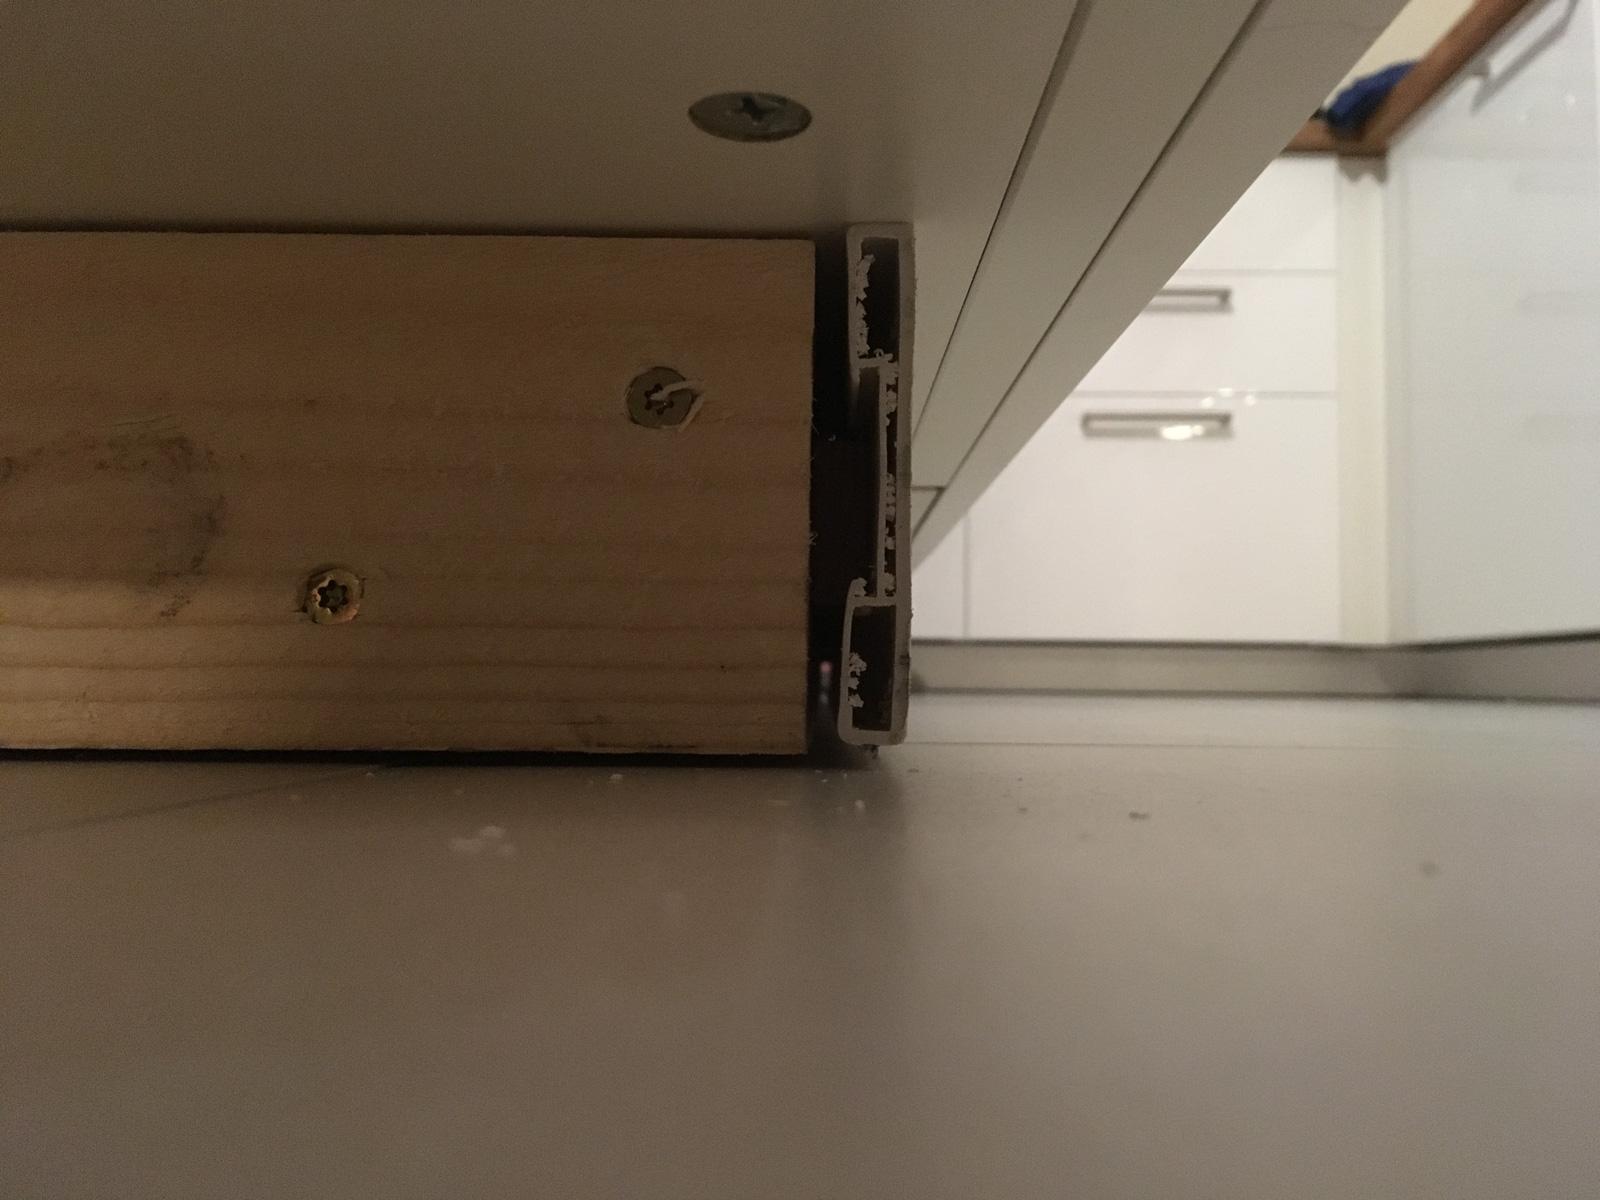 Full Size of Ikea Sockelleiste Ecke Kche Lubachs Bauen Tagesdecken Für Betten Küche Waschbecken Deckenlampe Wohnzimmer Deckenleuchten Schlafzimmer Deckenlampen Wohnzimmer Ikea Sockelleiste Ecke